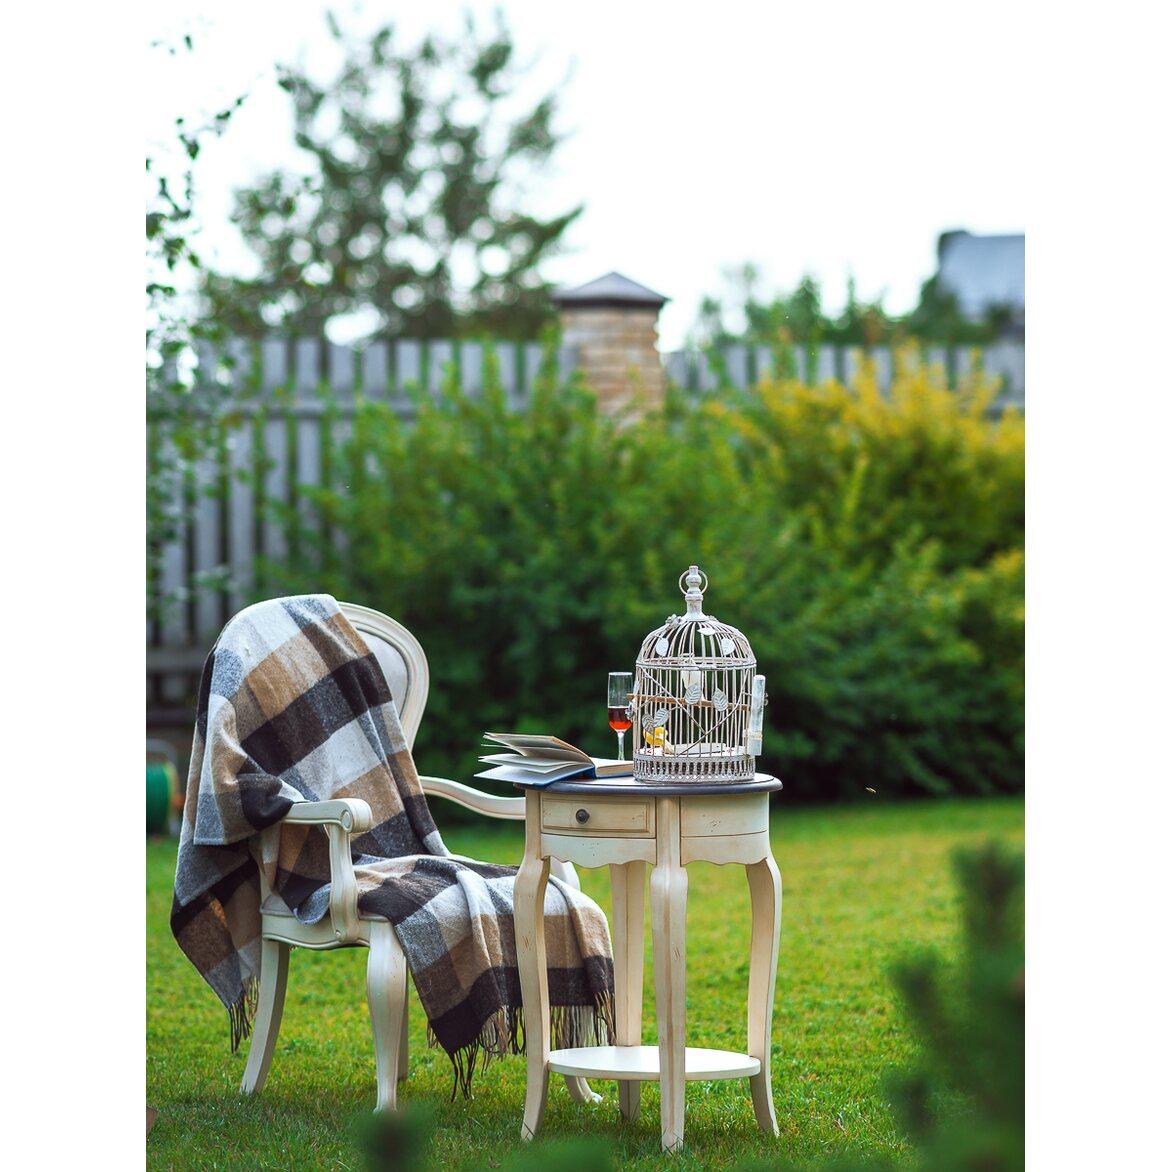 Прикроватная тумба овальная (приставной столик) Leontina, бежевого цвета 2 | Прикроватные тумбы Kingsby